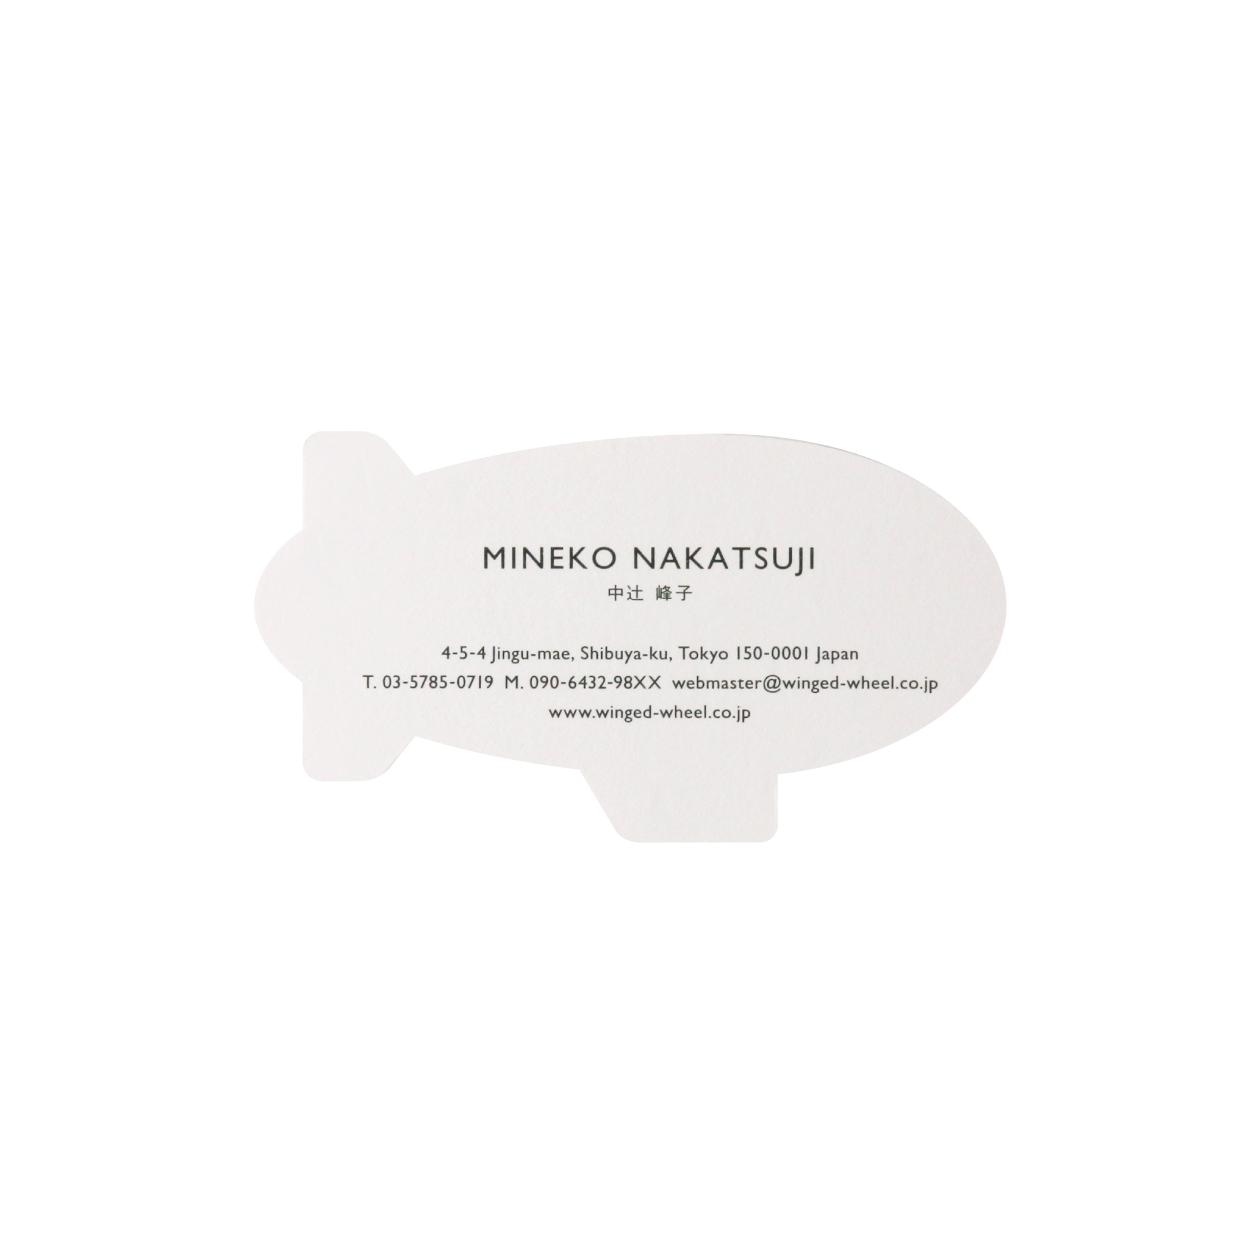 サンプル カード・シート 00044